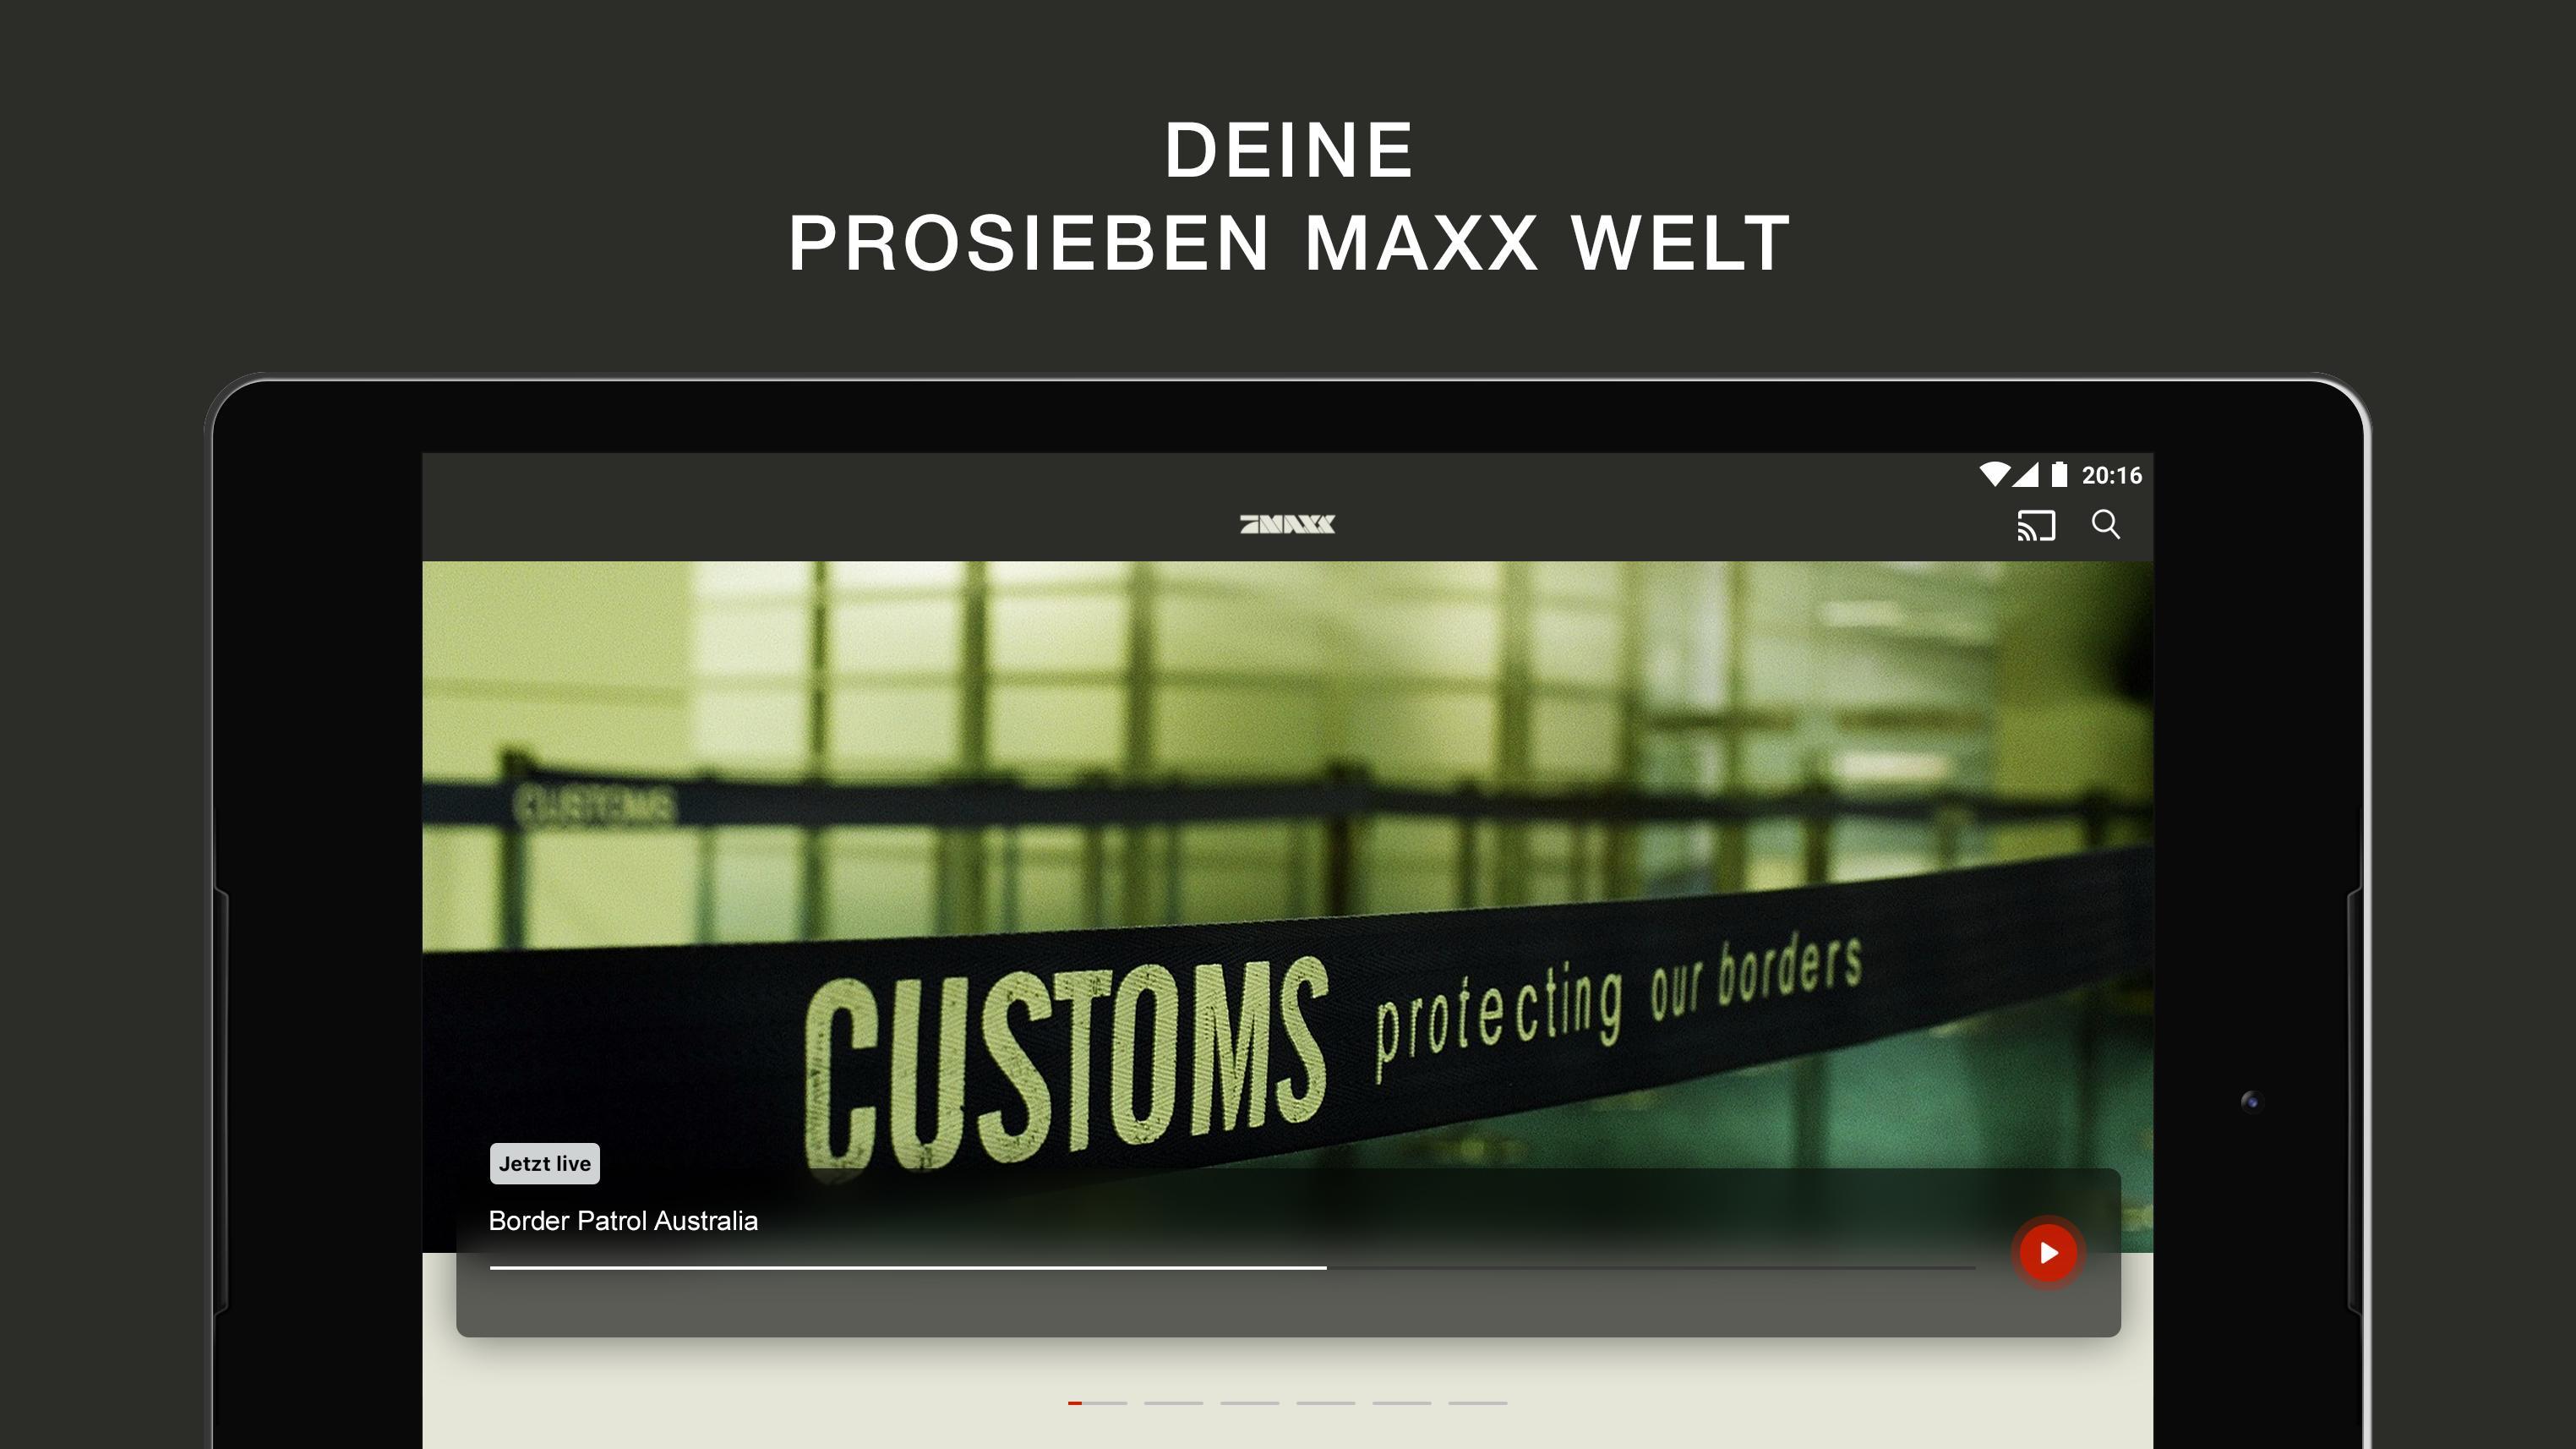 Pro Sieben Maxx Live